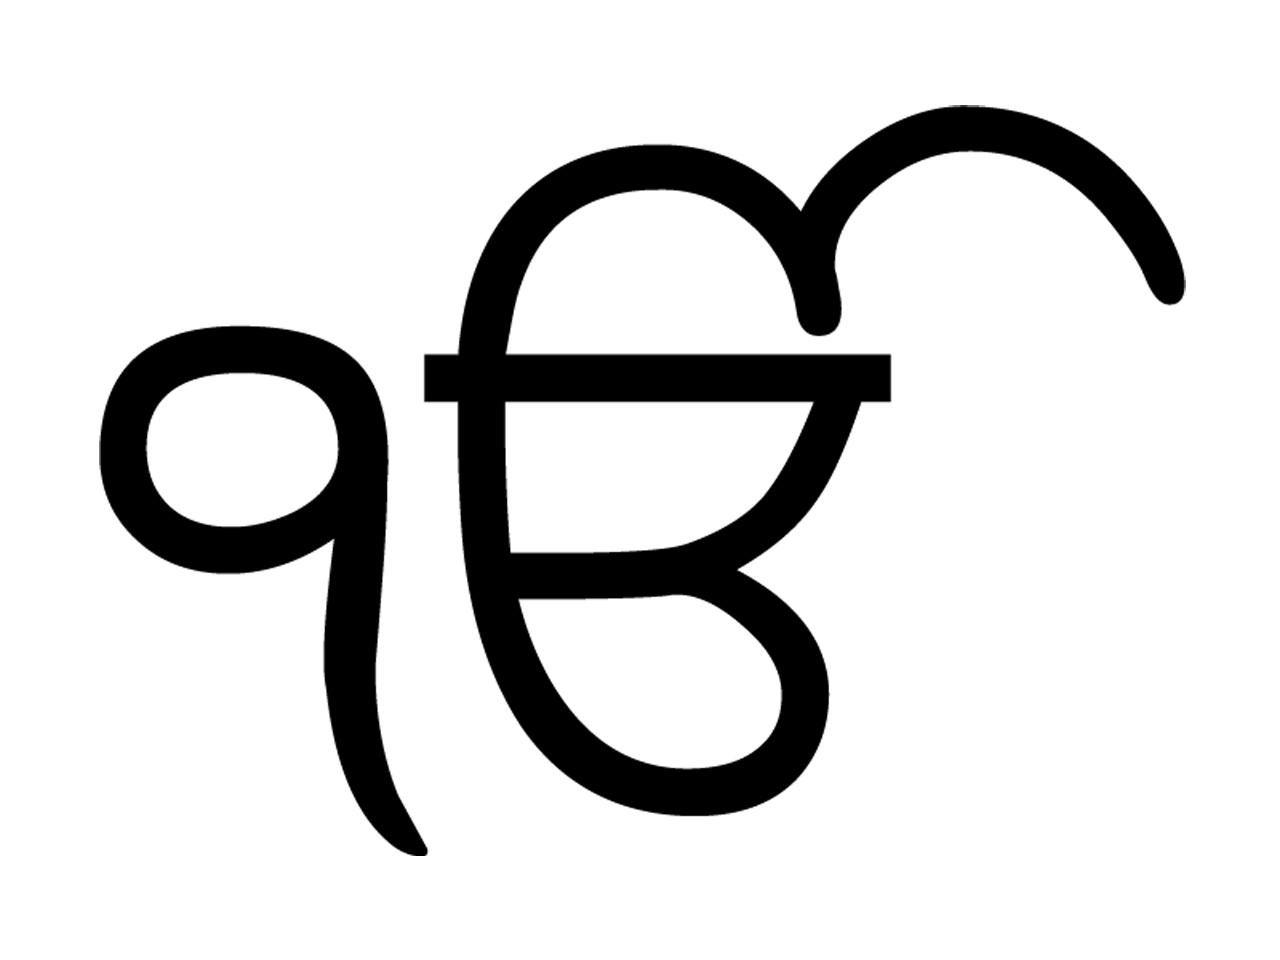 Ek Onkar